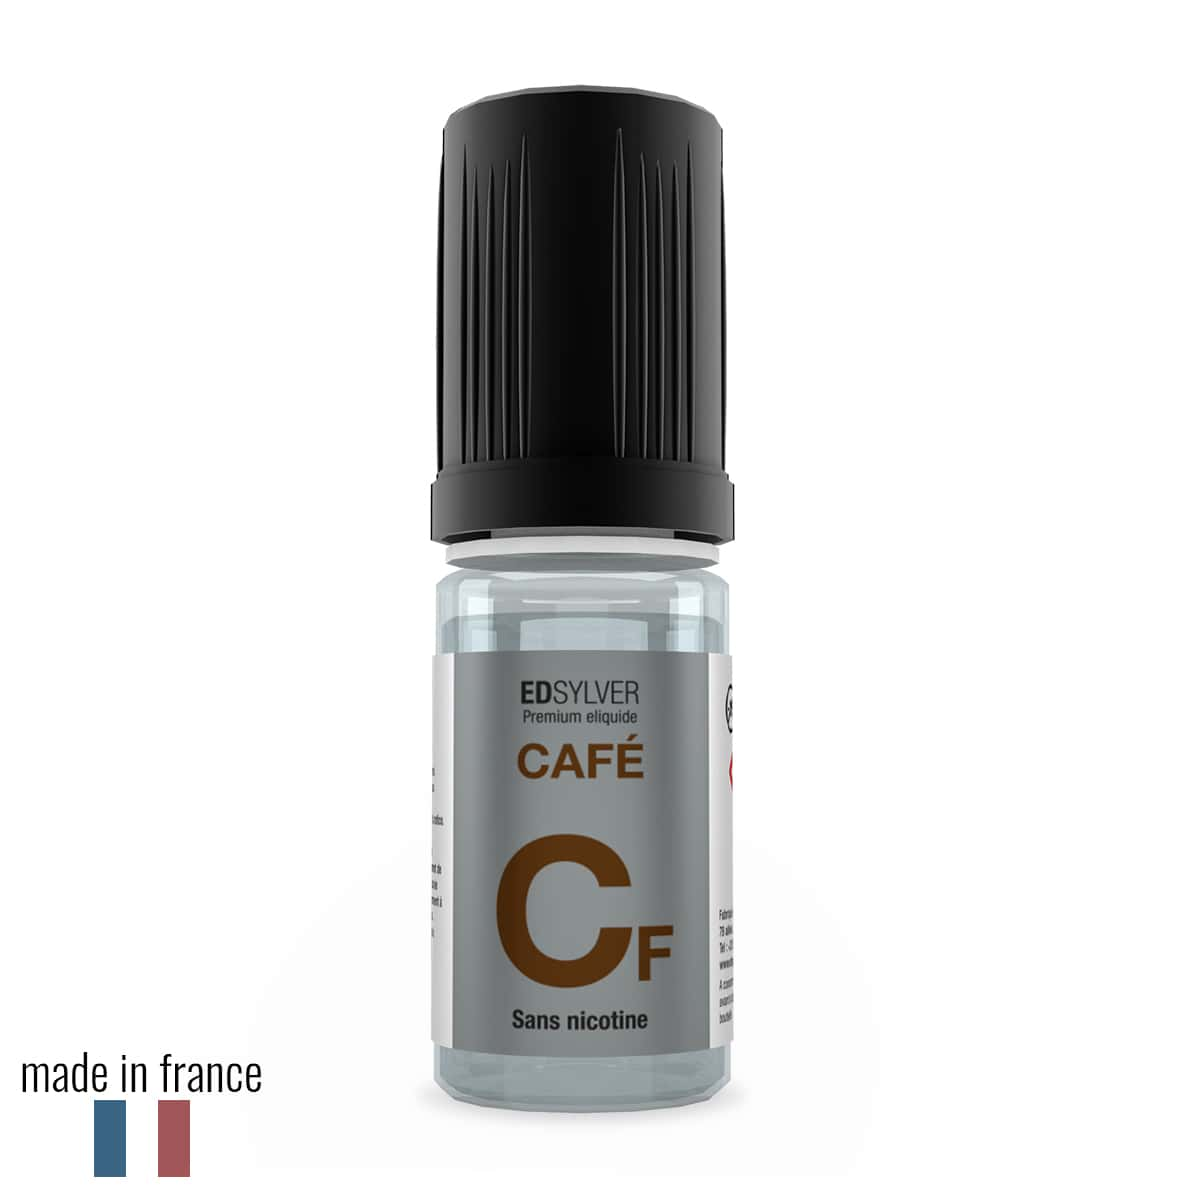 Photo de La Bonne Affaire - E liquide Café Edsylver Sans nicotine